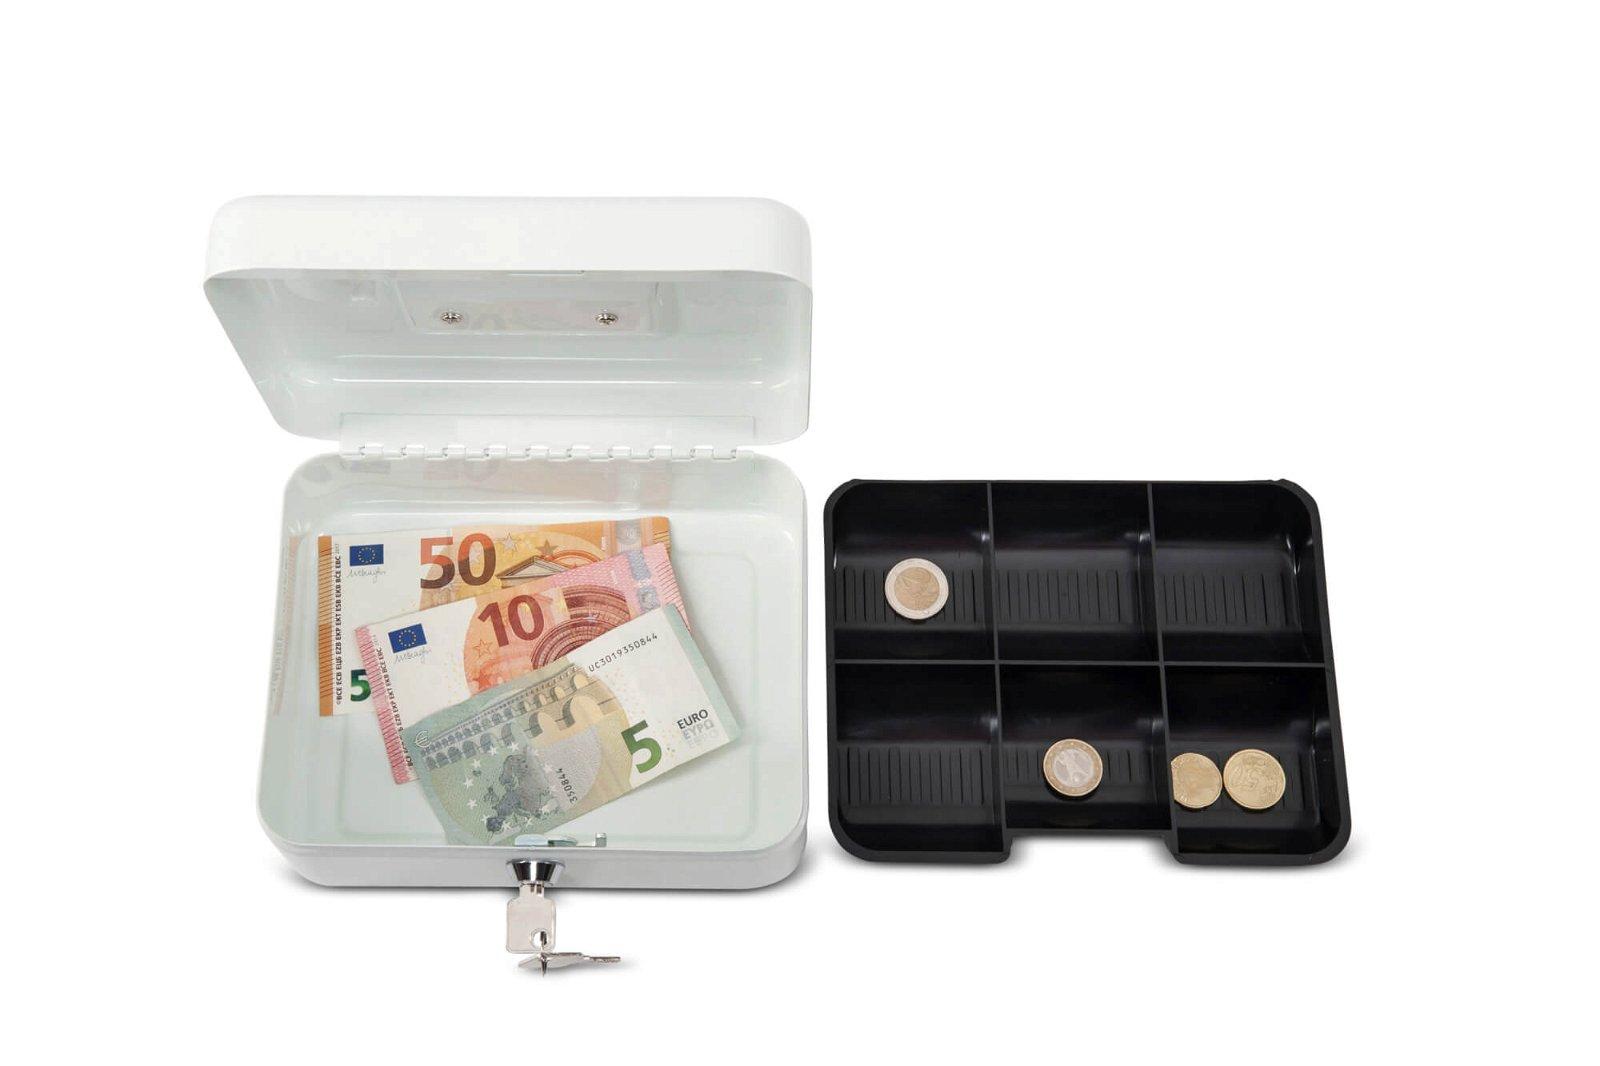 Geldkassette 2, 20 x 17 x 9 cm, weiß